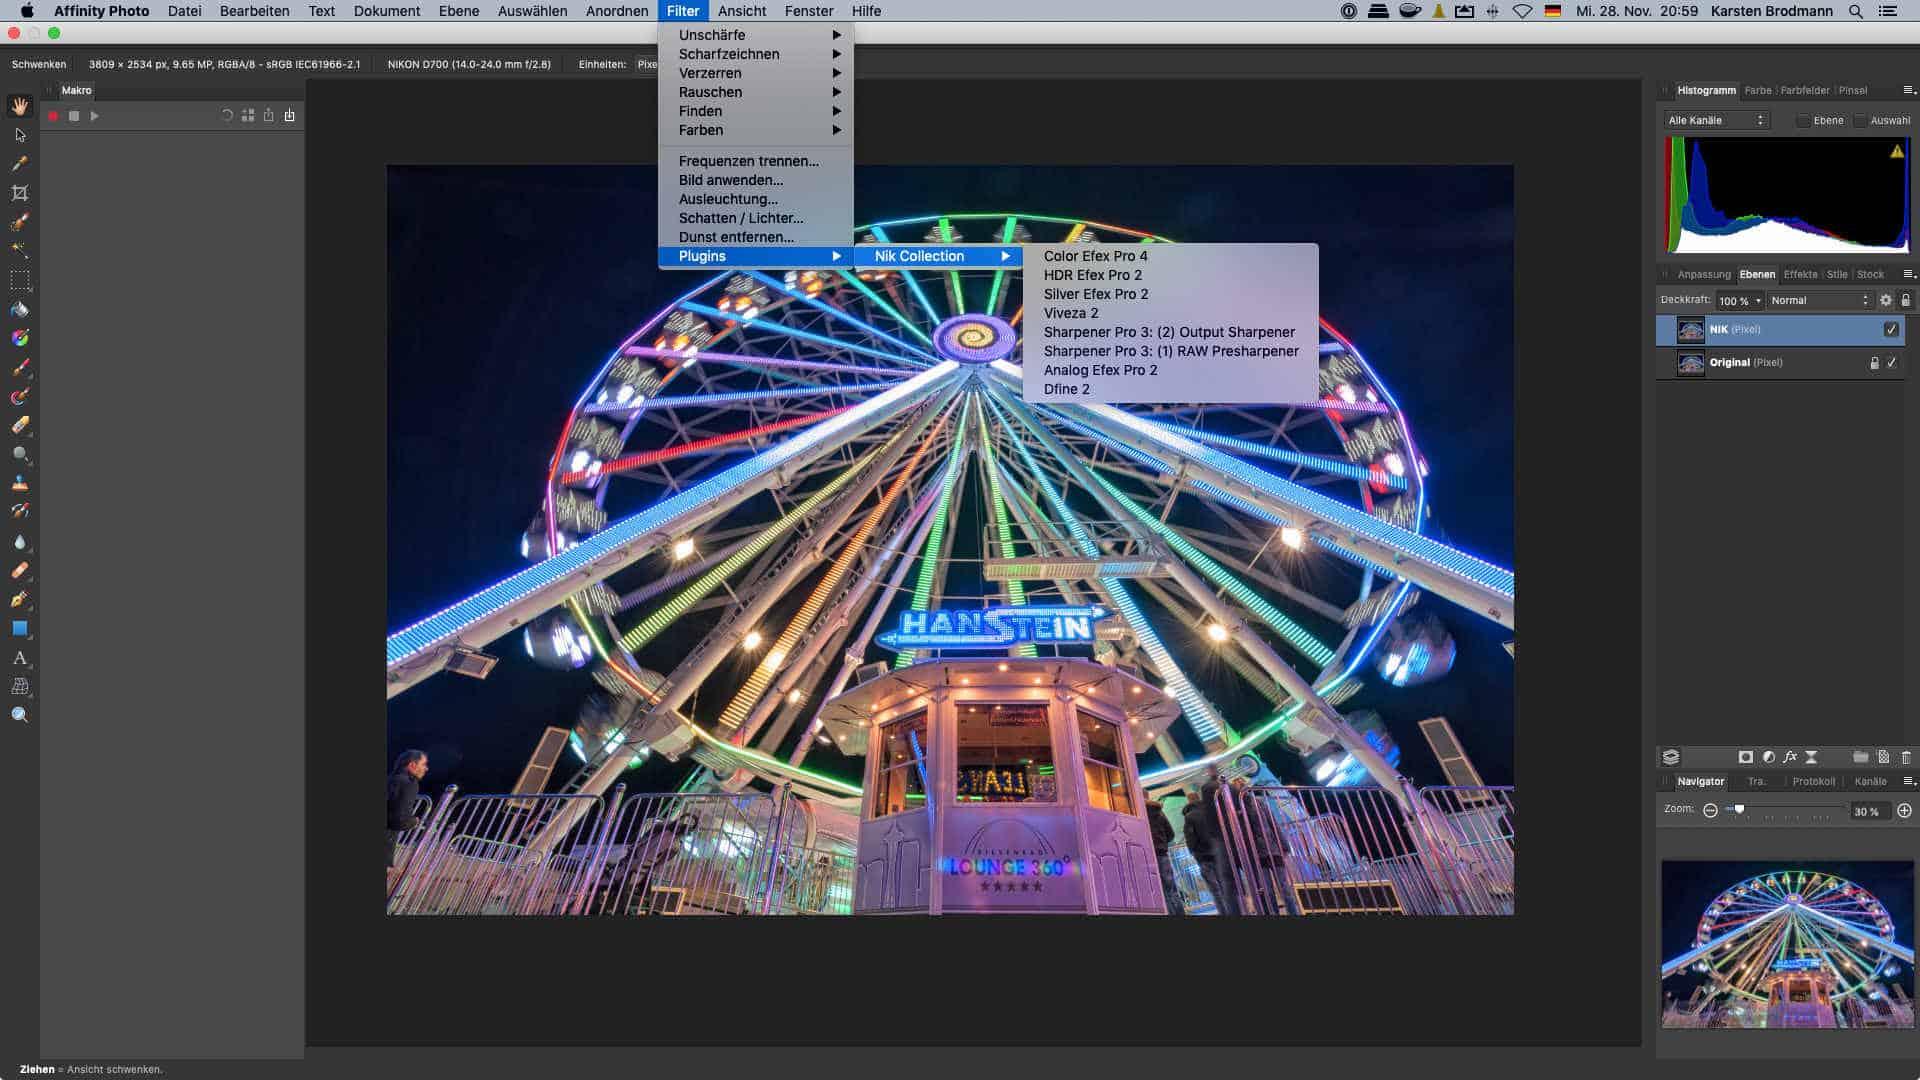 NIK-Filter aus Affinity Photo aufrufen